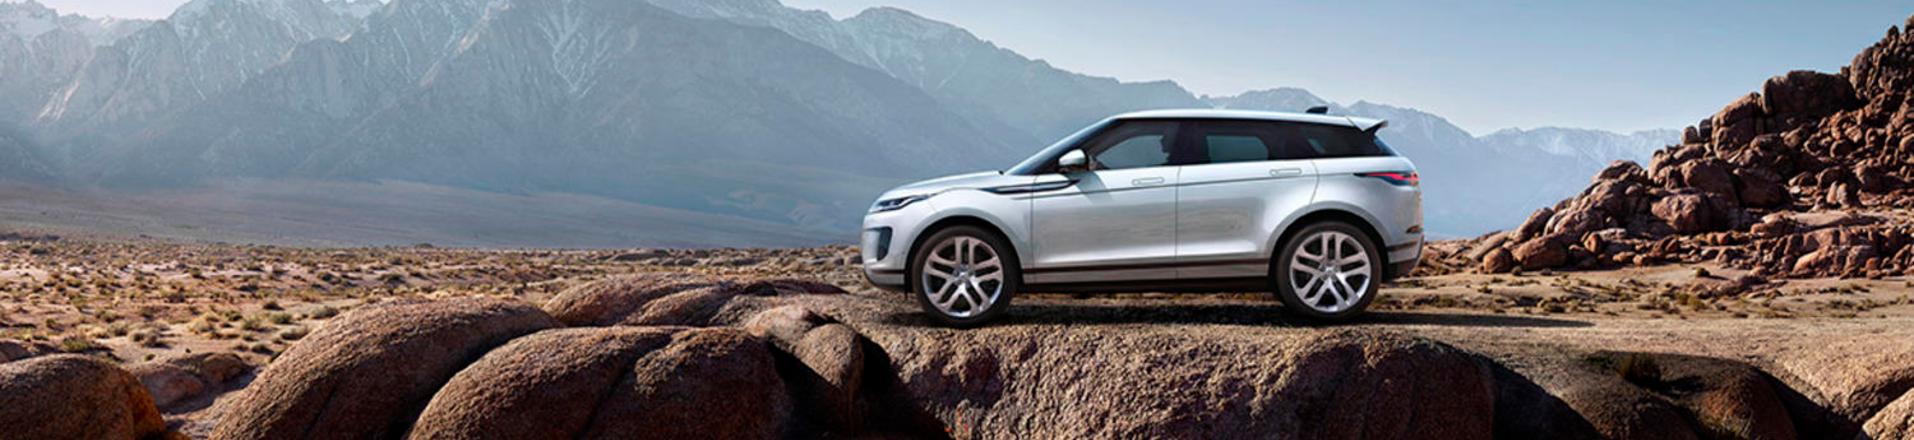 Range Rover Evoque Capability 2